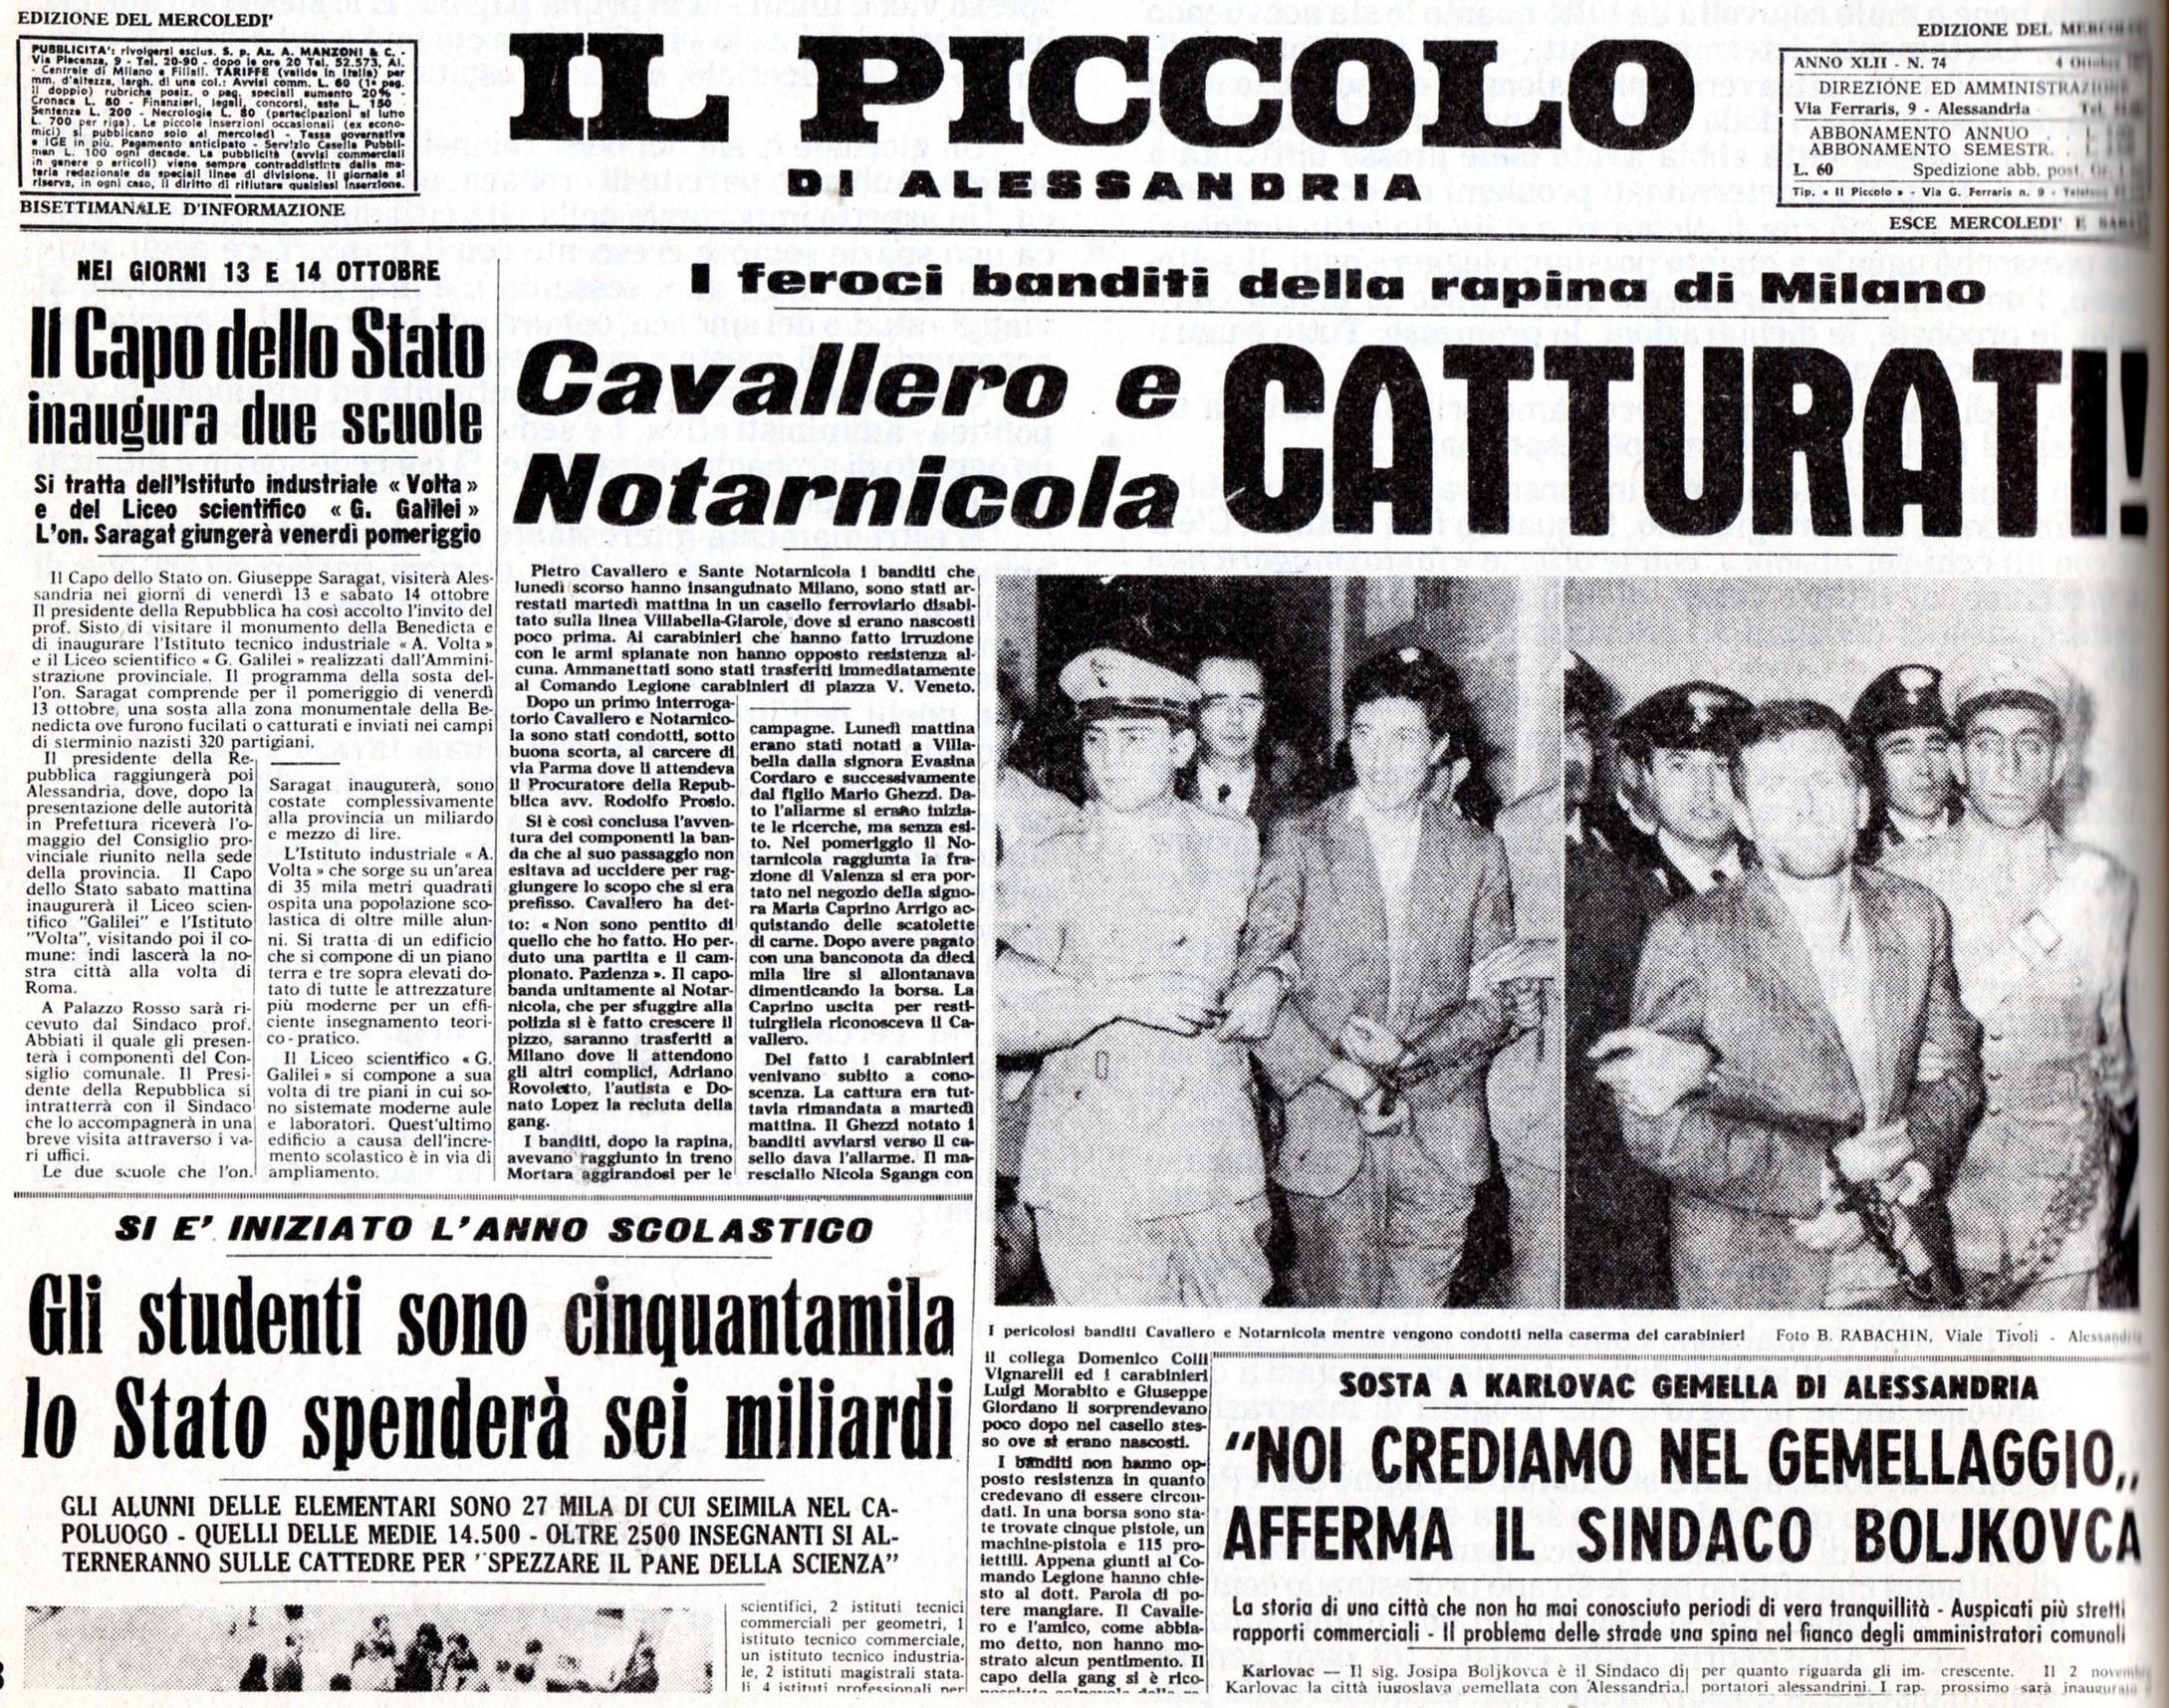 """1967 - """"Il Piccolo"""" di mercoledì 4 ottobre pubblica a caratteri cubitali l'arresto di Cavallero e Notarnicola, """"i feroci banditi"""" della rapina di Milano in un casello ferroviario disabitato sulla linea Villabella-Giarole."""